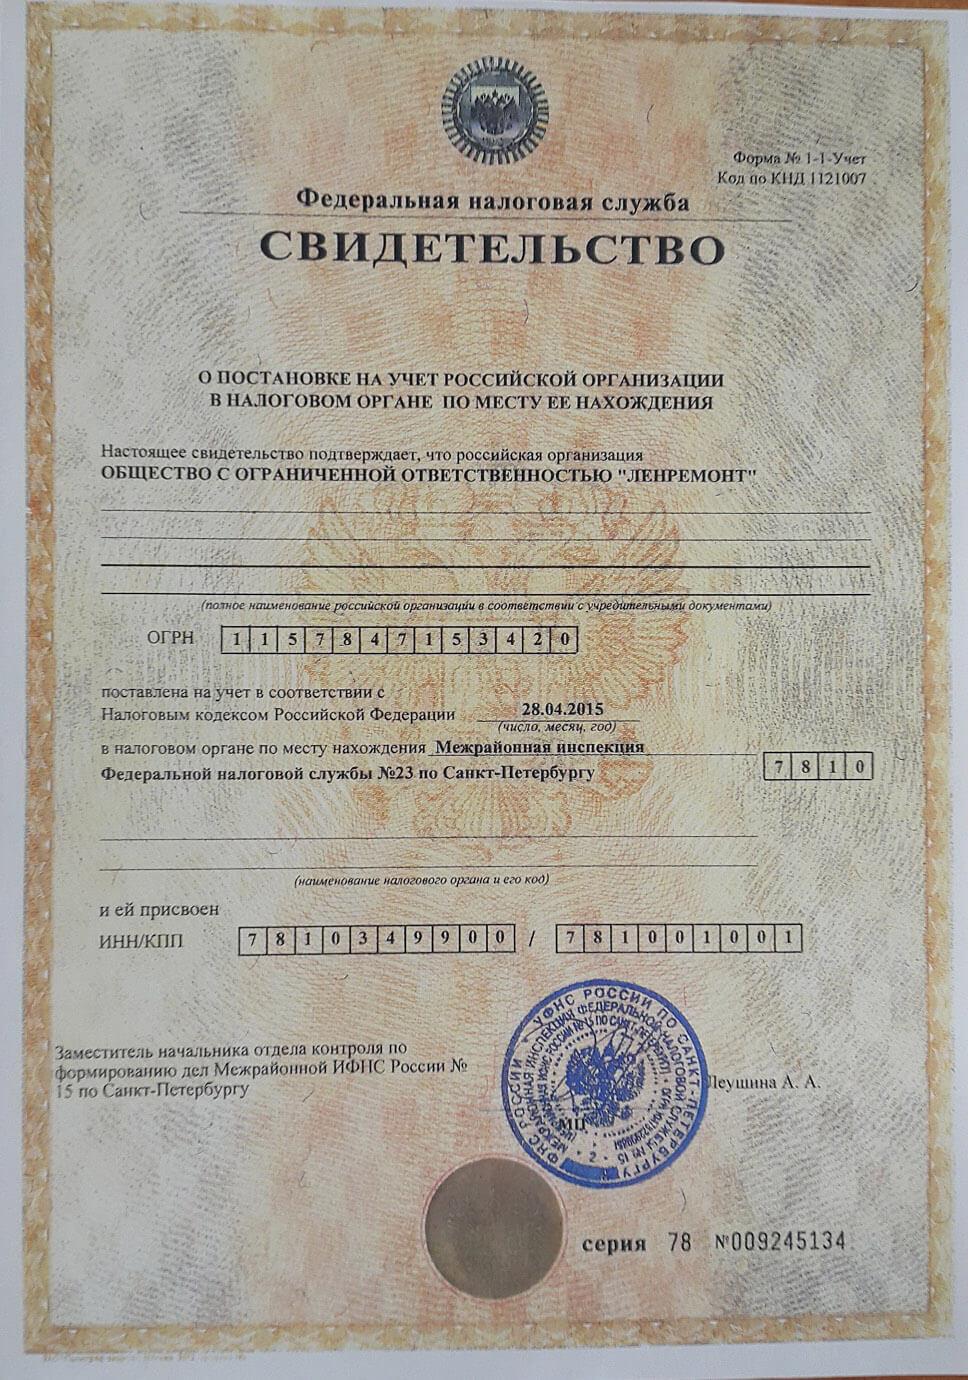 Ремонт Газовых Плит Ханса на Дому - Стоимость в Санкт-Петербурге и Москве